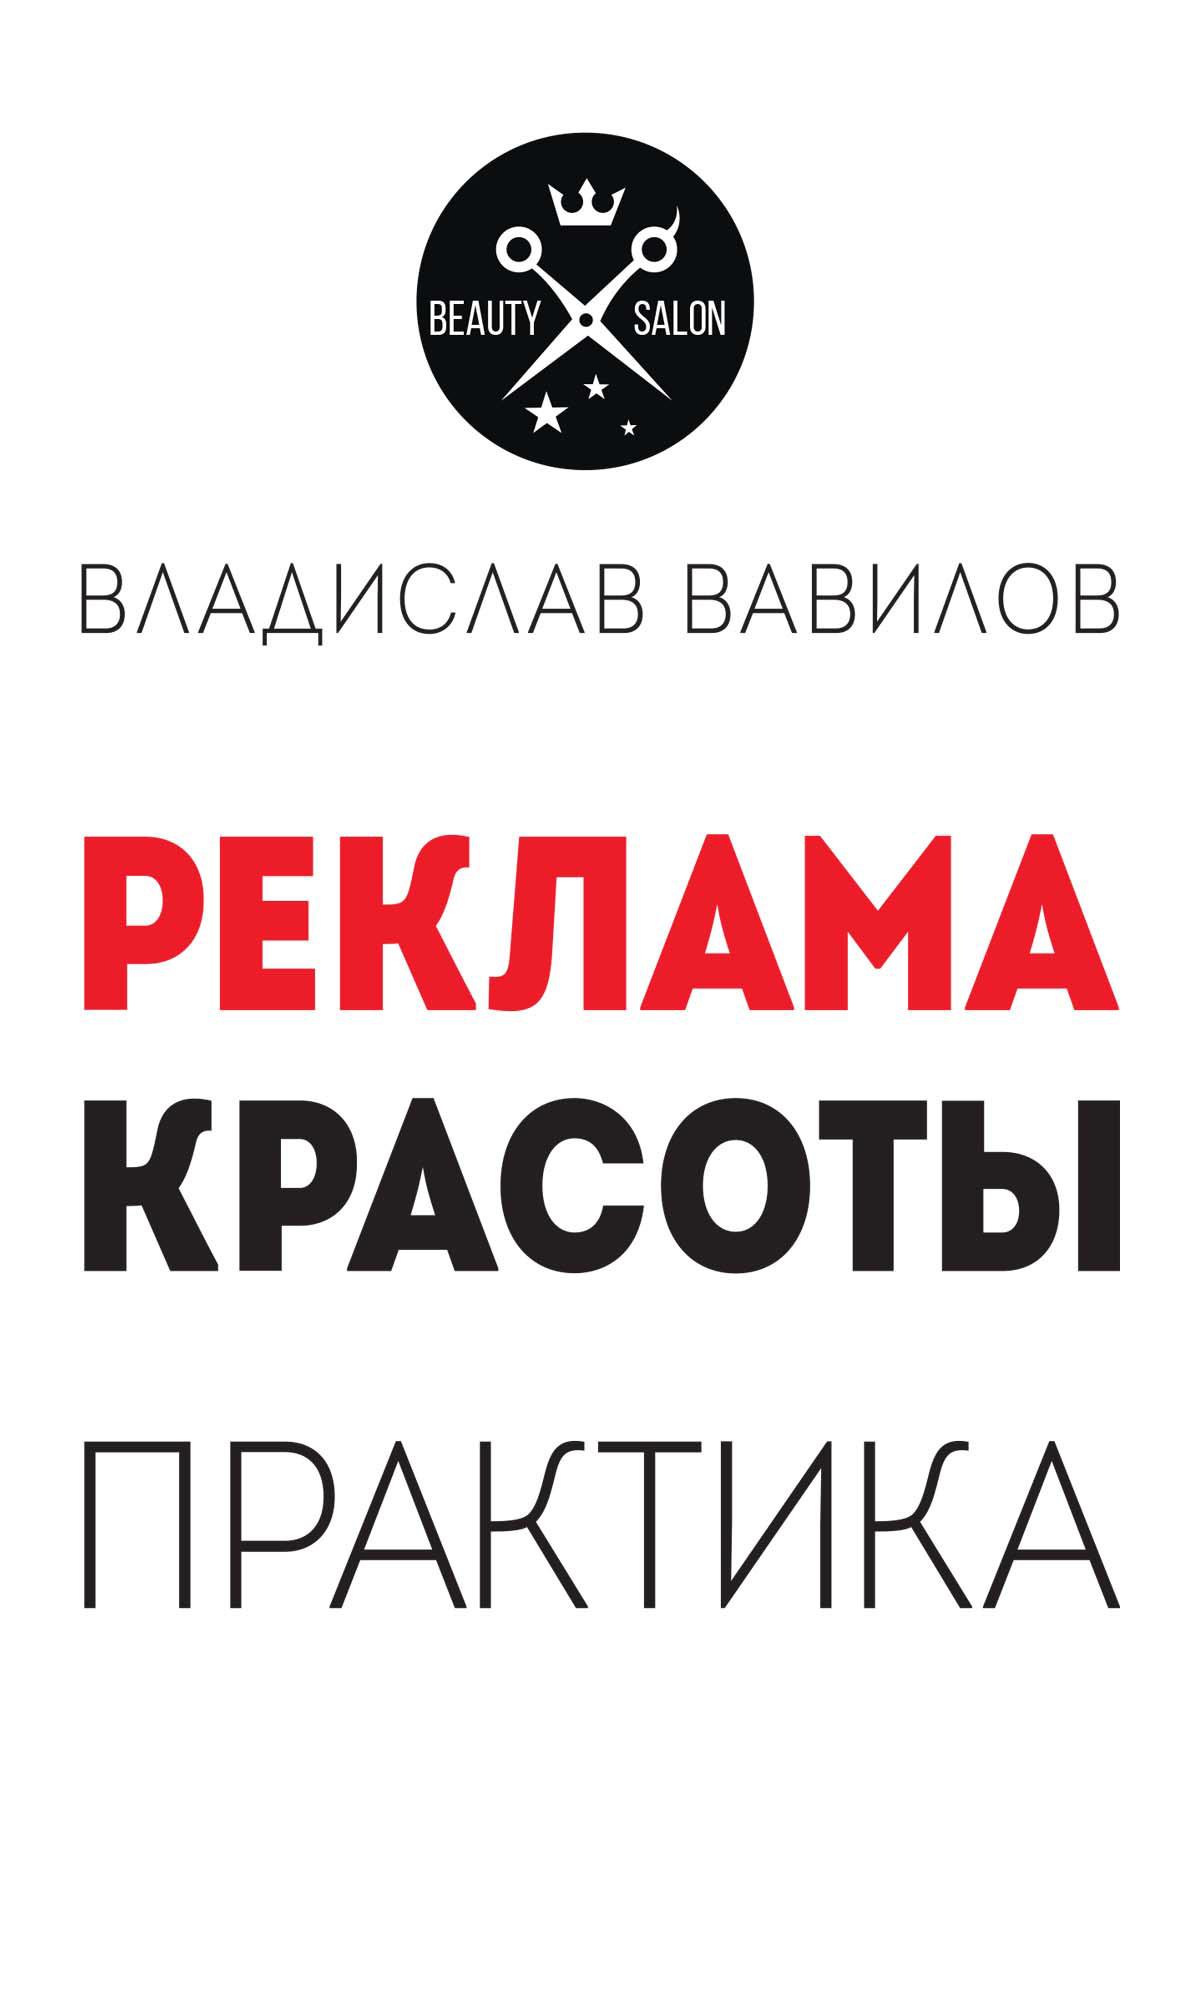 Владислав Вавилов Пособие для директоров и собственников салонов красоты. Практические советы по рекламе салона красоты